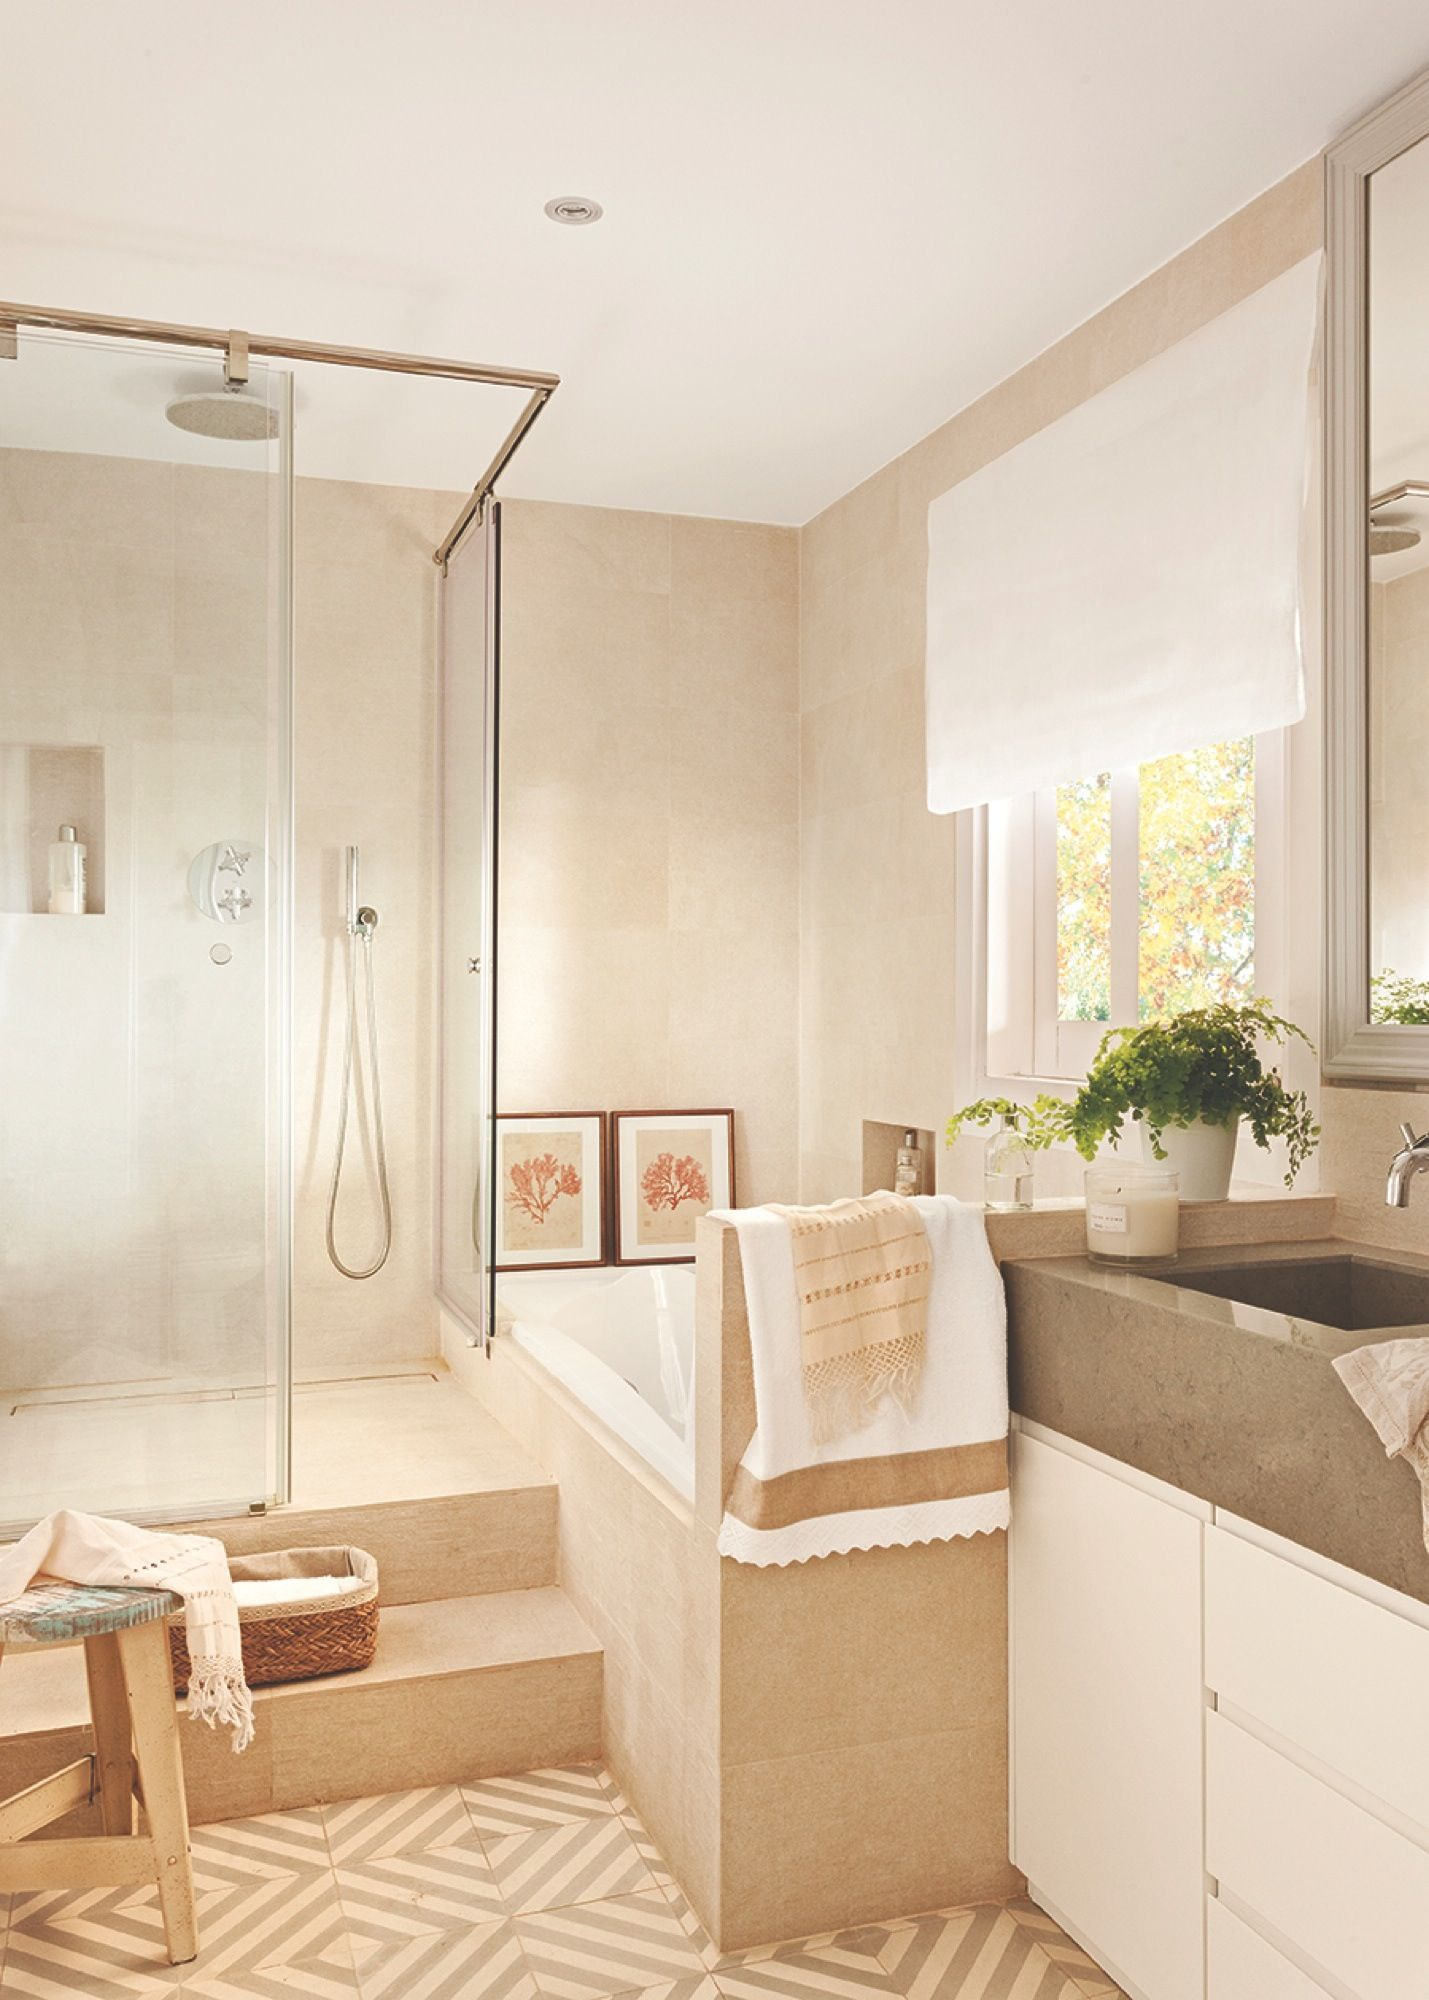 Muebles ba o decoraci n accesorios mamparas y azulejos for Accesorios mamparas bano